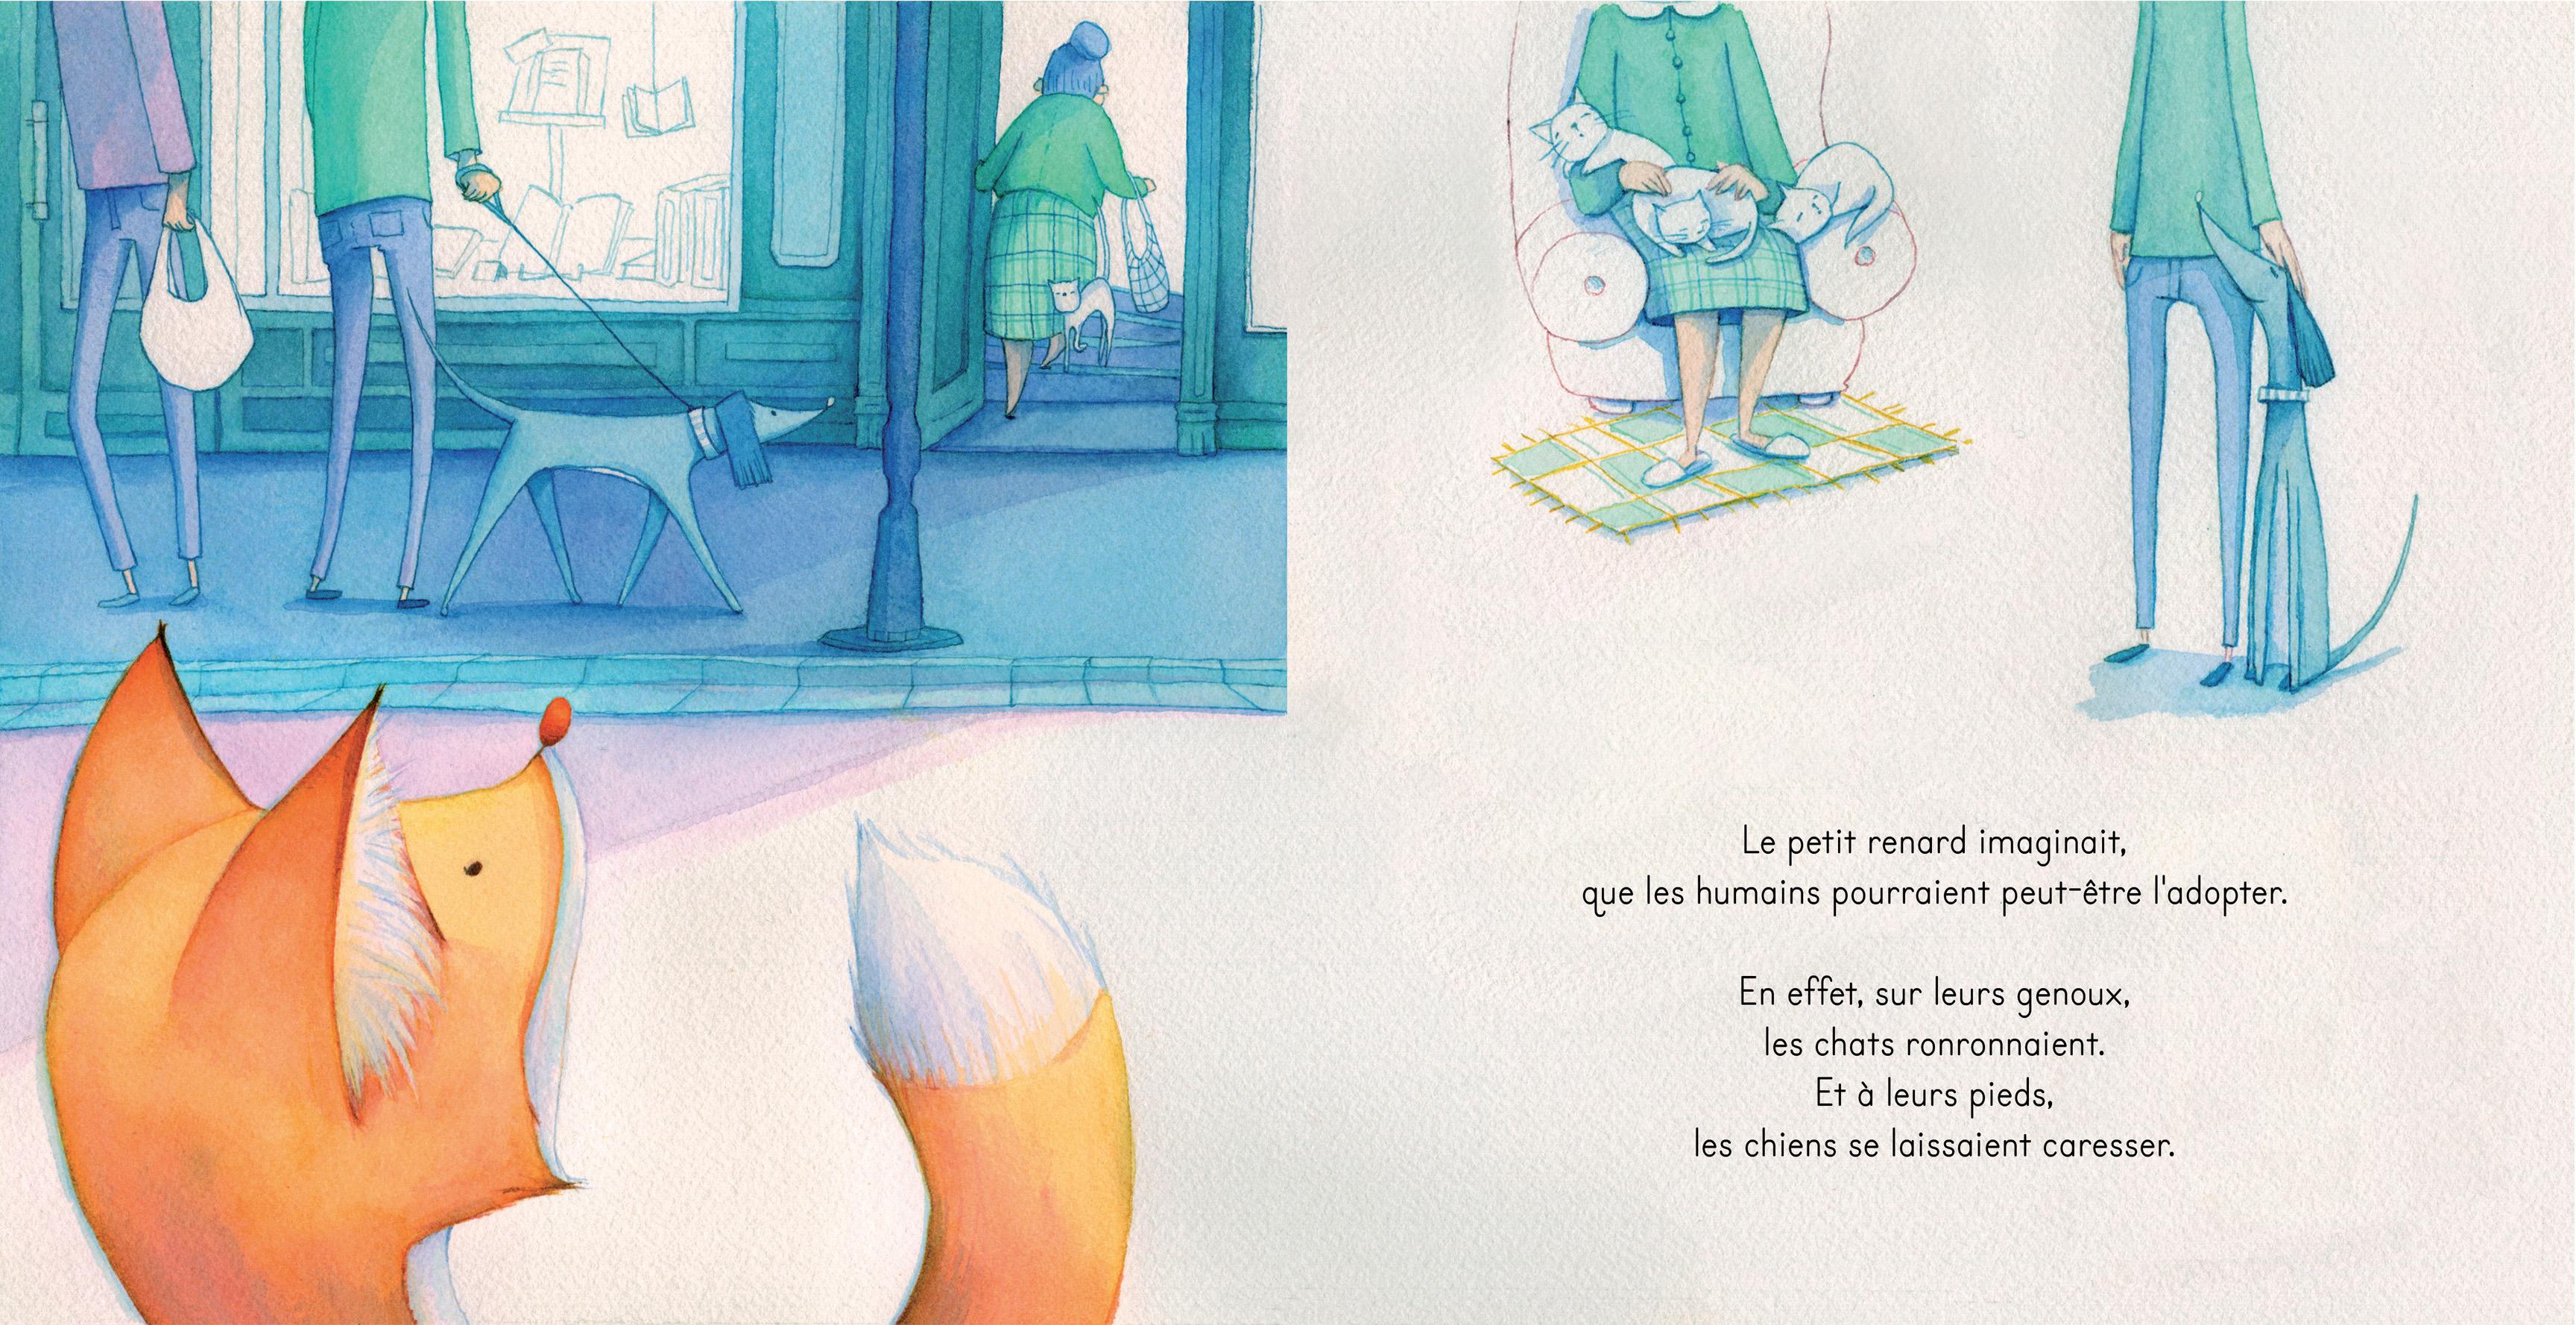 illu Le petit renard-1